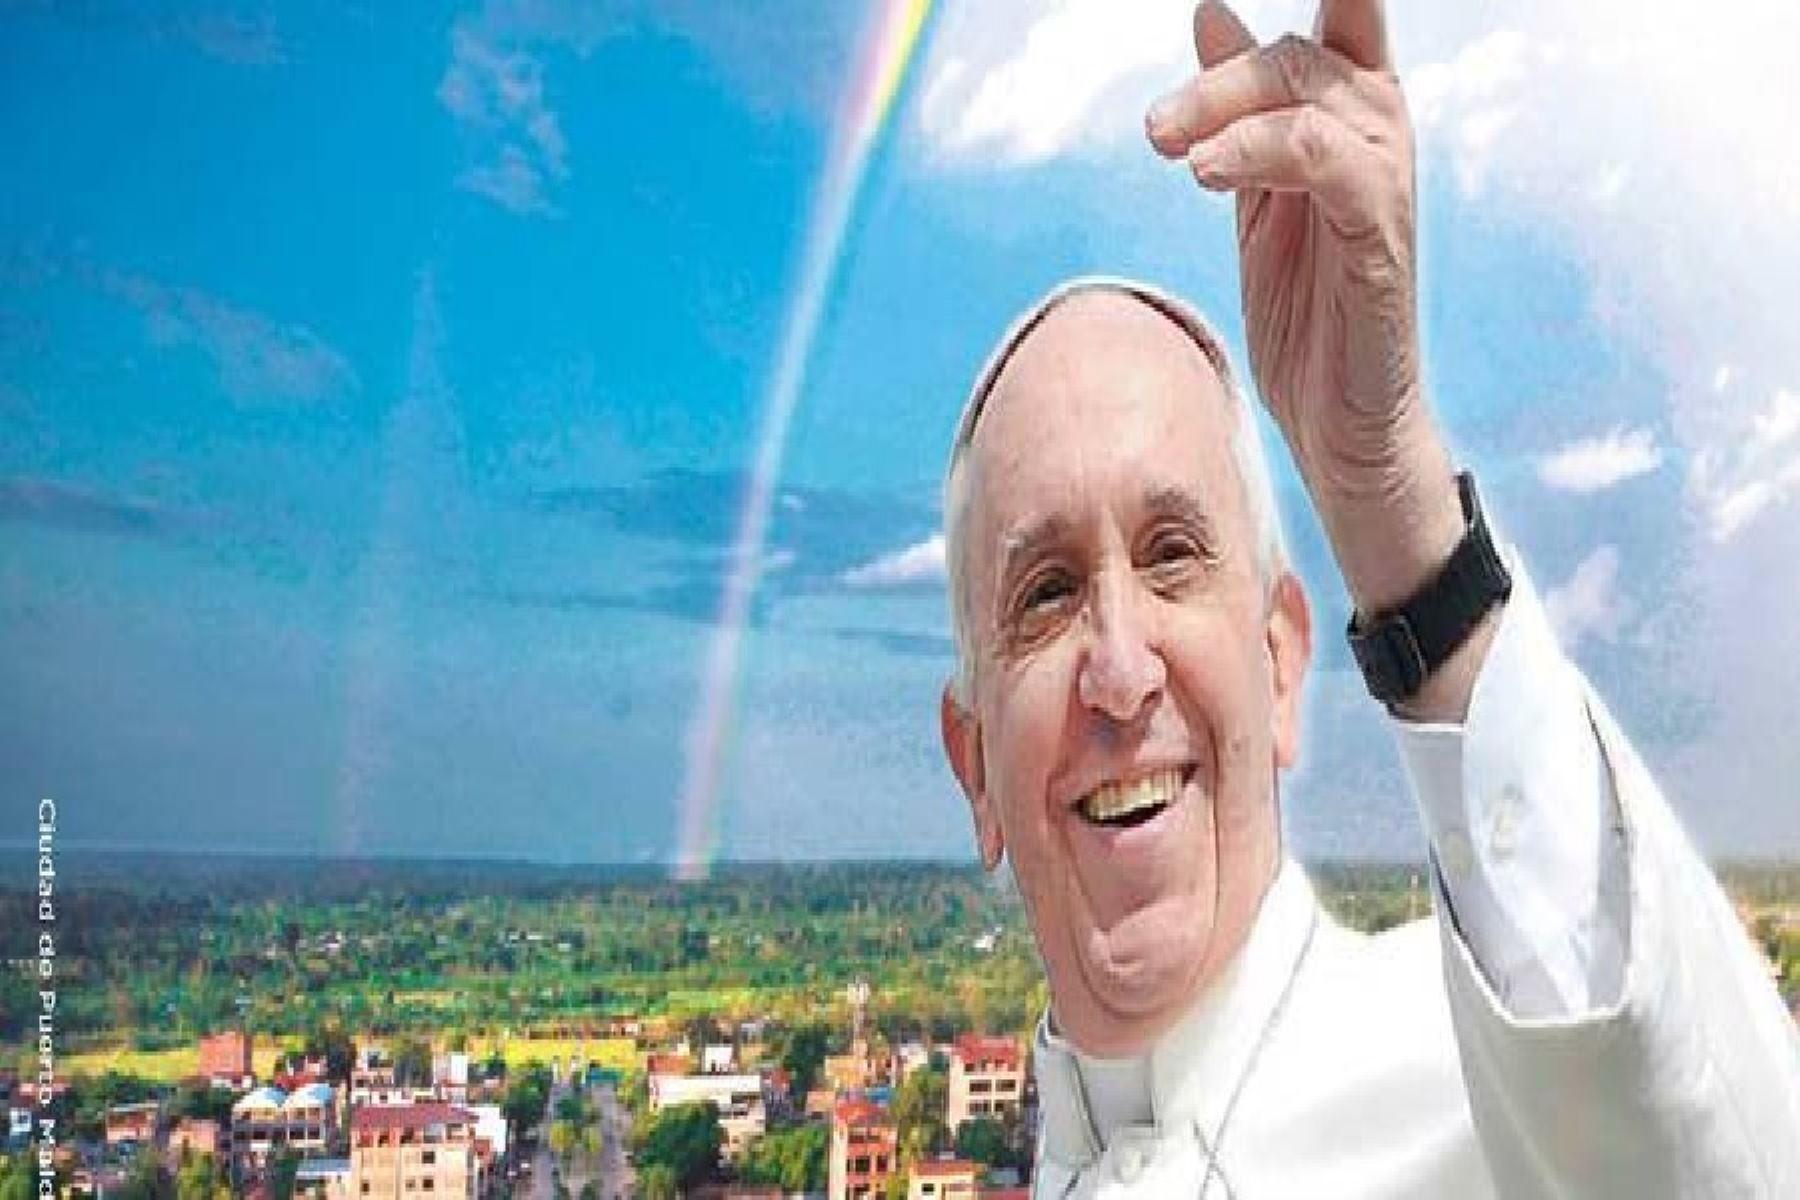 Puerto Maldonado espera con mucho entusiasmo al Papa Francisco.